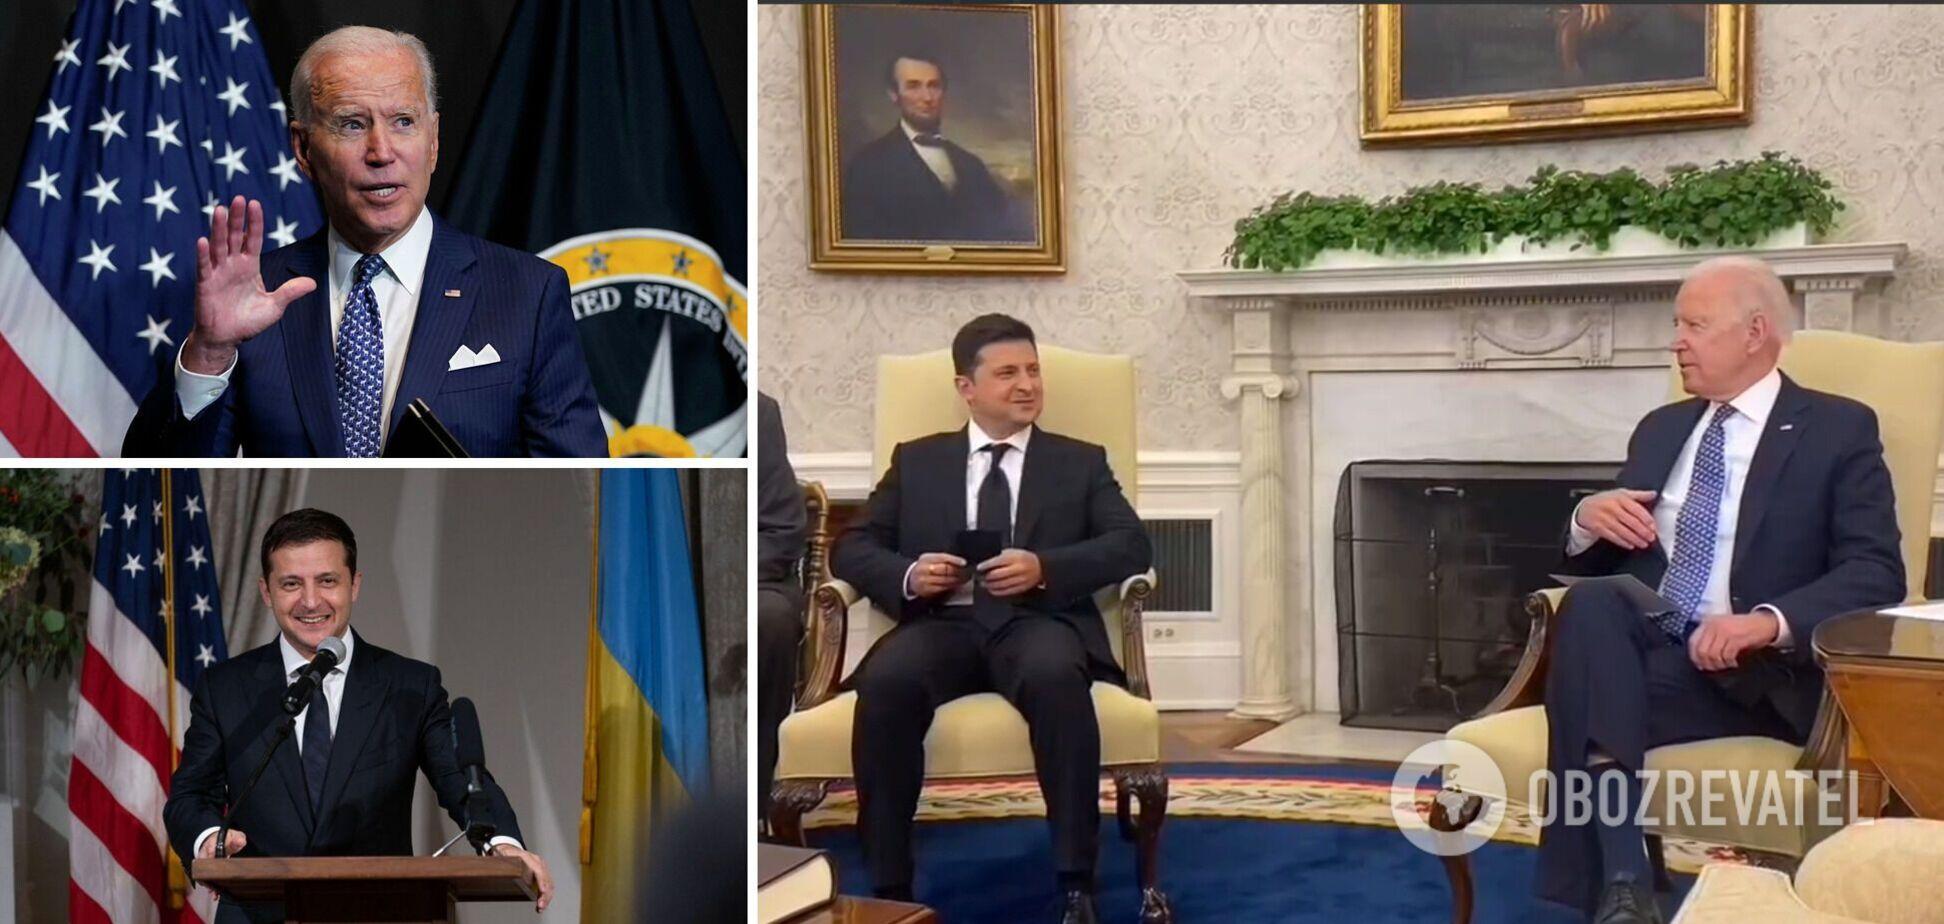 Протидія агресії РФ, 'Північний потік-2' і допомога Україні: як пройшли переговори Зеленського і Байдена. Фото і відео